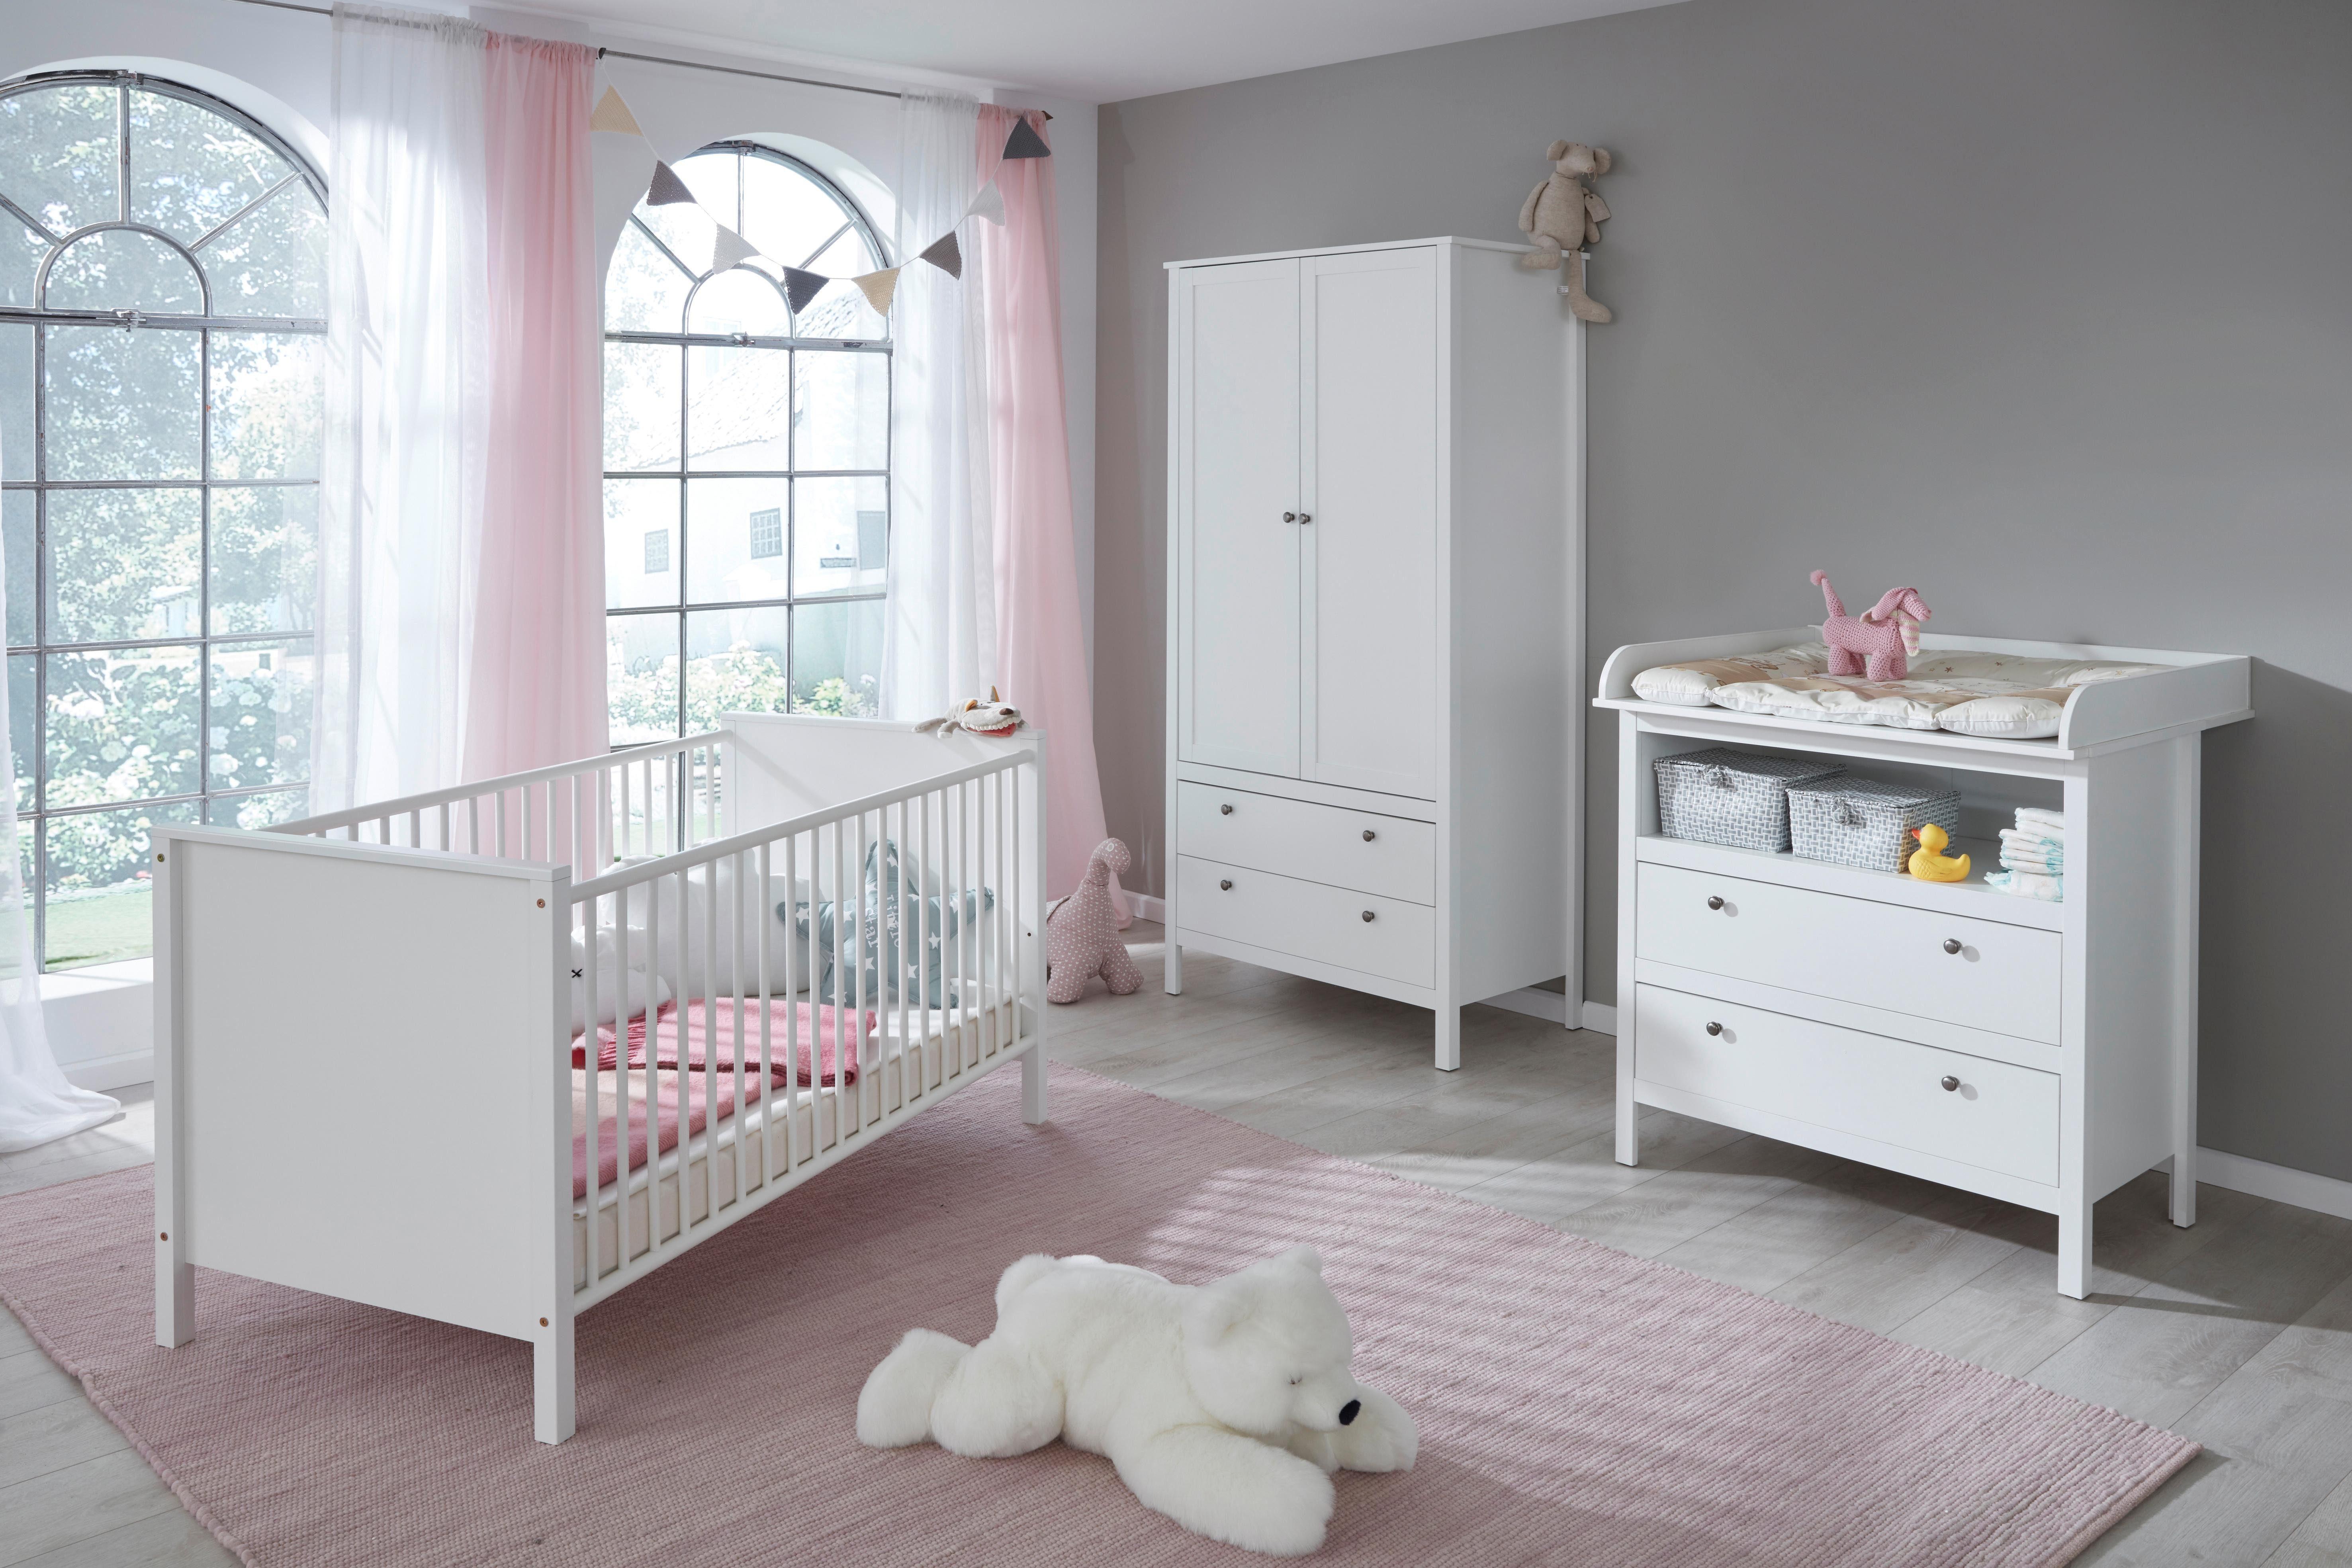 Komplettzimmer (3-tlg. Set) »Westerland« Babybett + Wickelkommode + 2-trg. Kleiderschrank in weiß